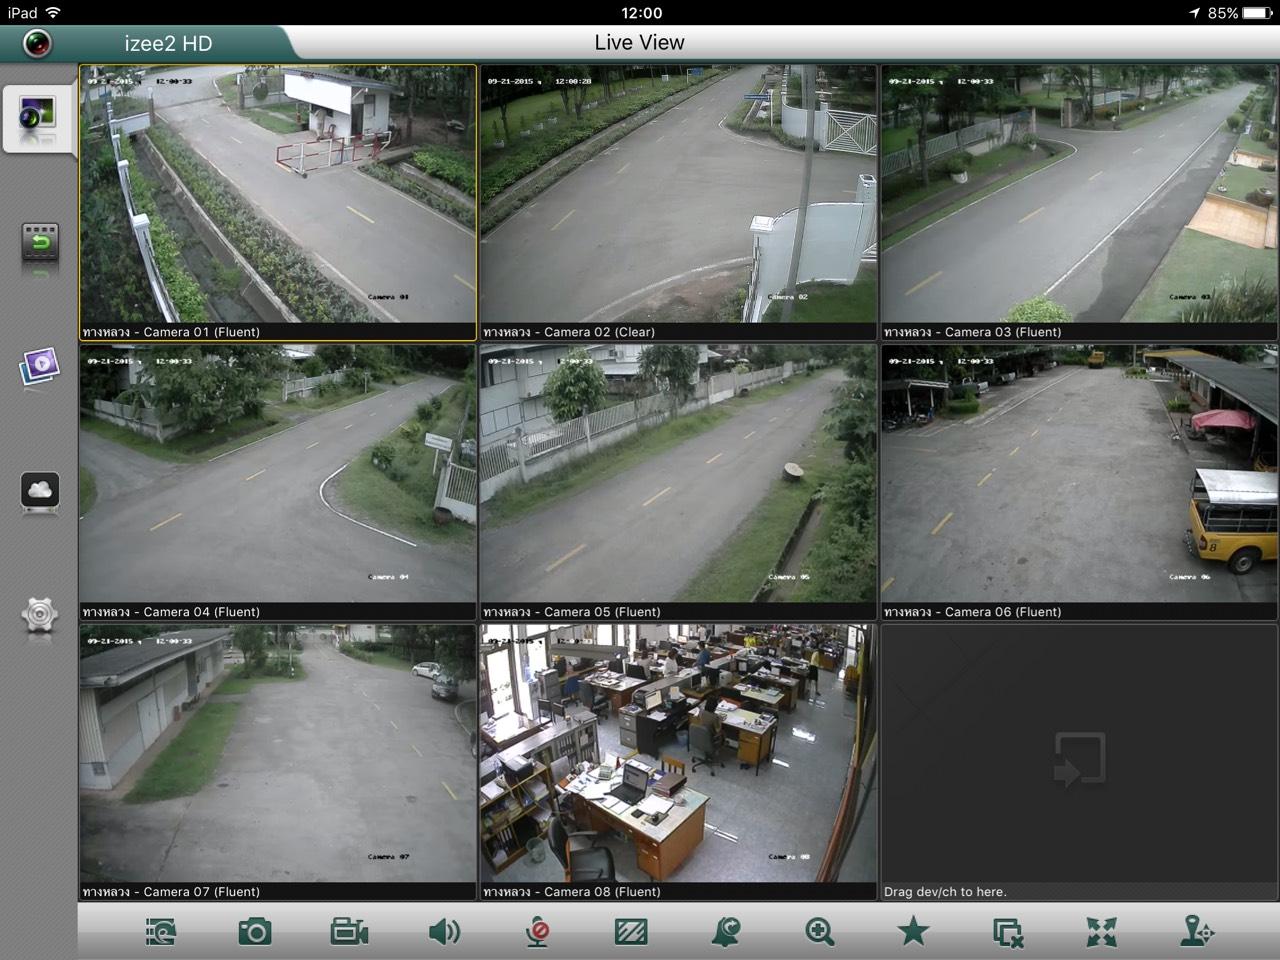 คม ชัด ทุกตาราง กับกล้องวงจรปิดระบบ HD-TVI By INNEKT